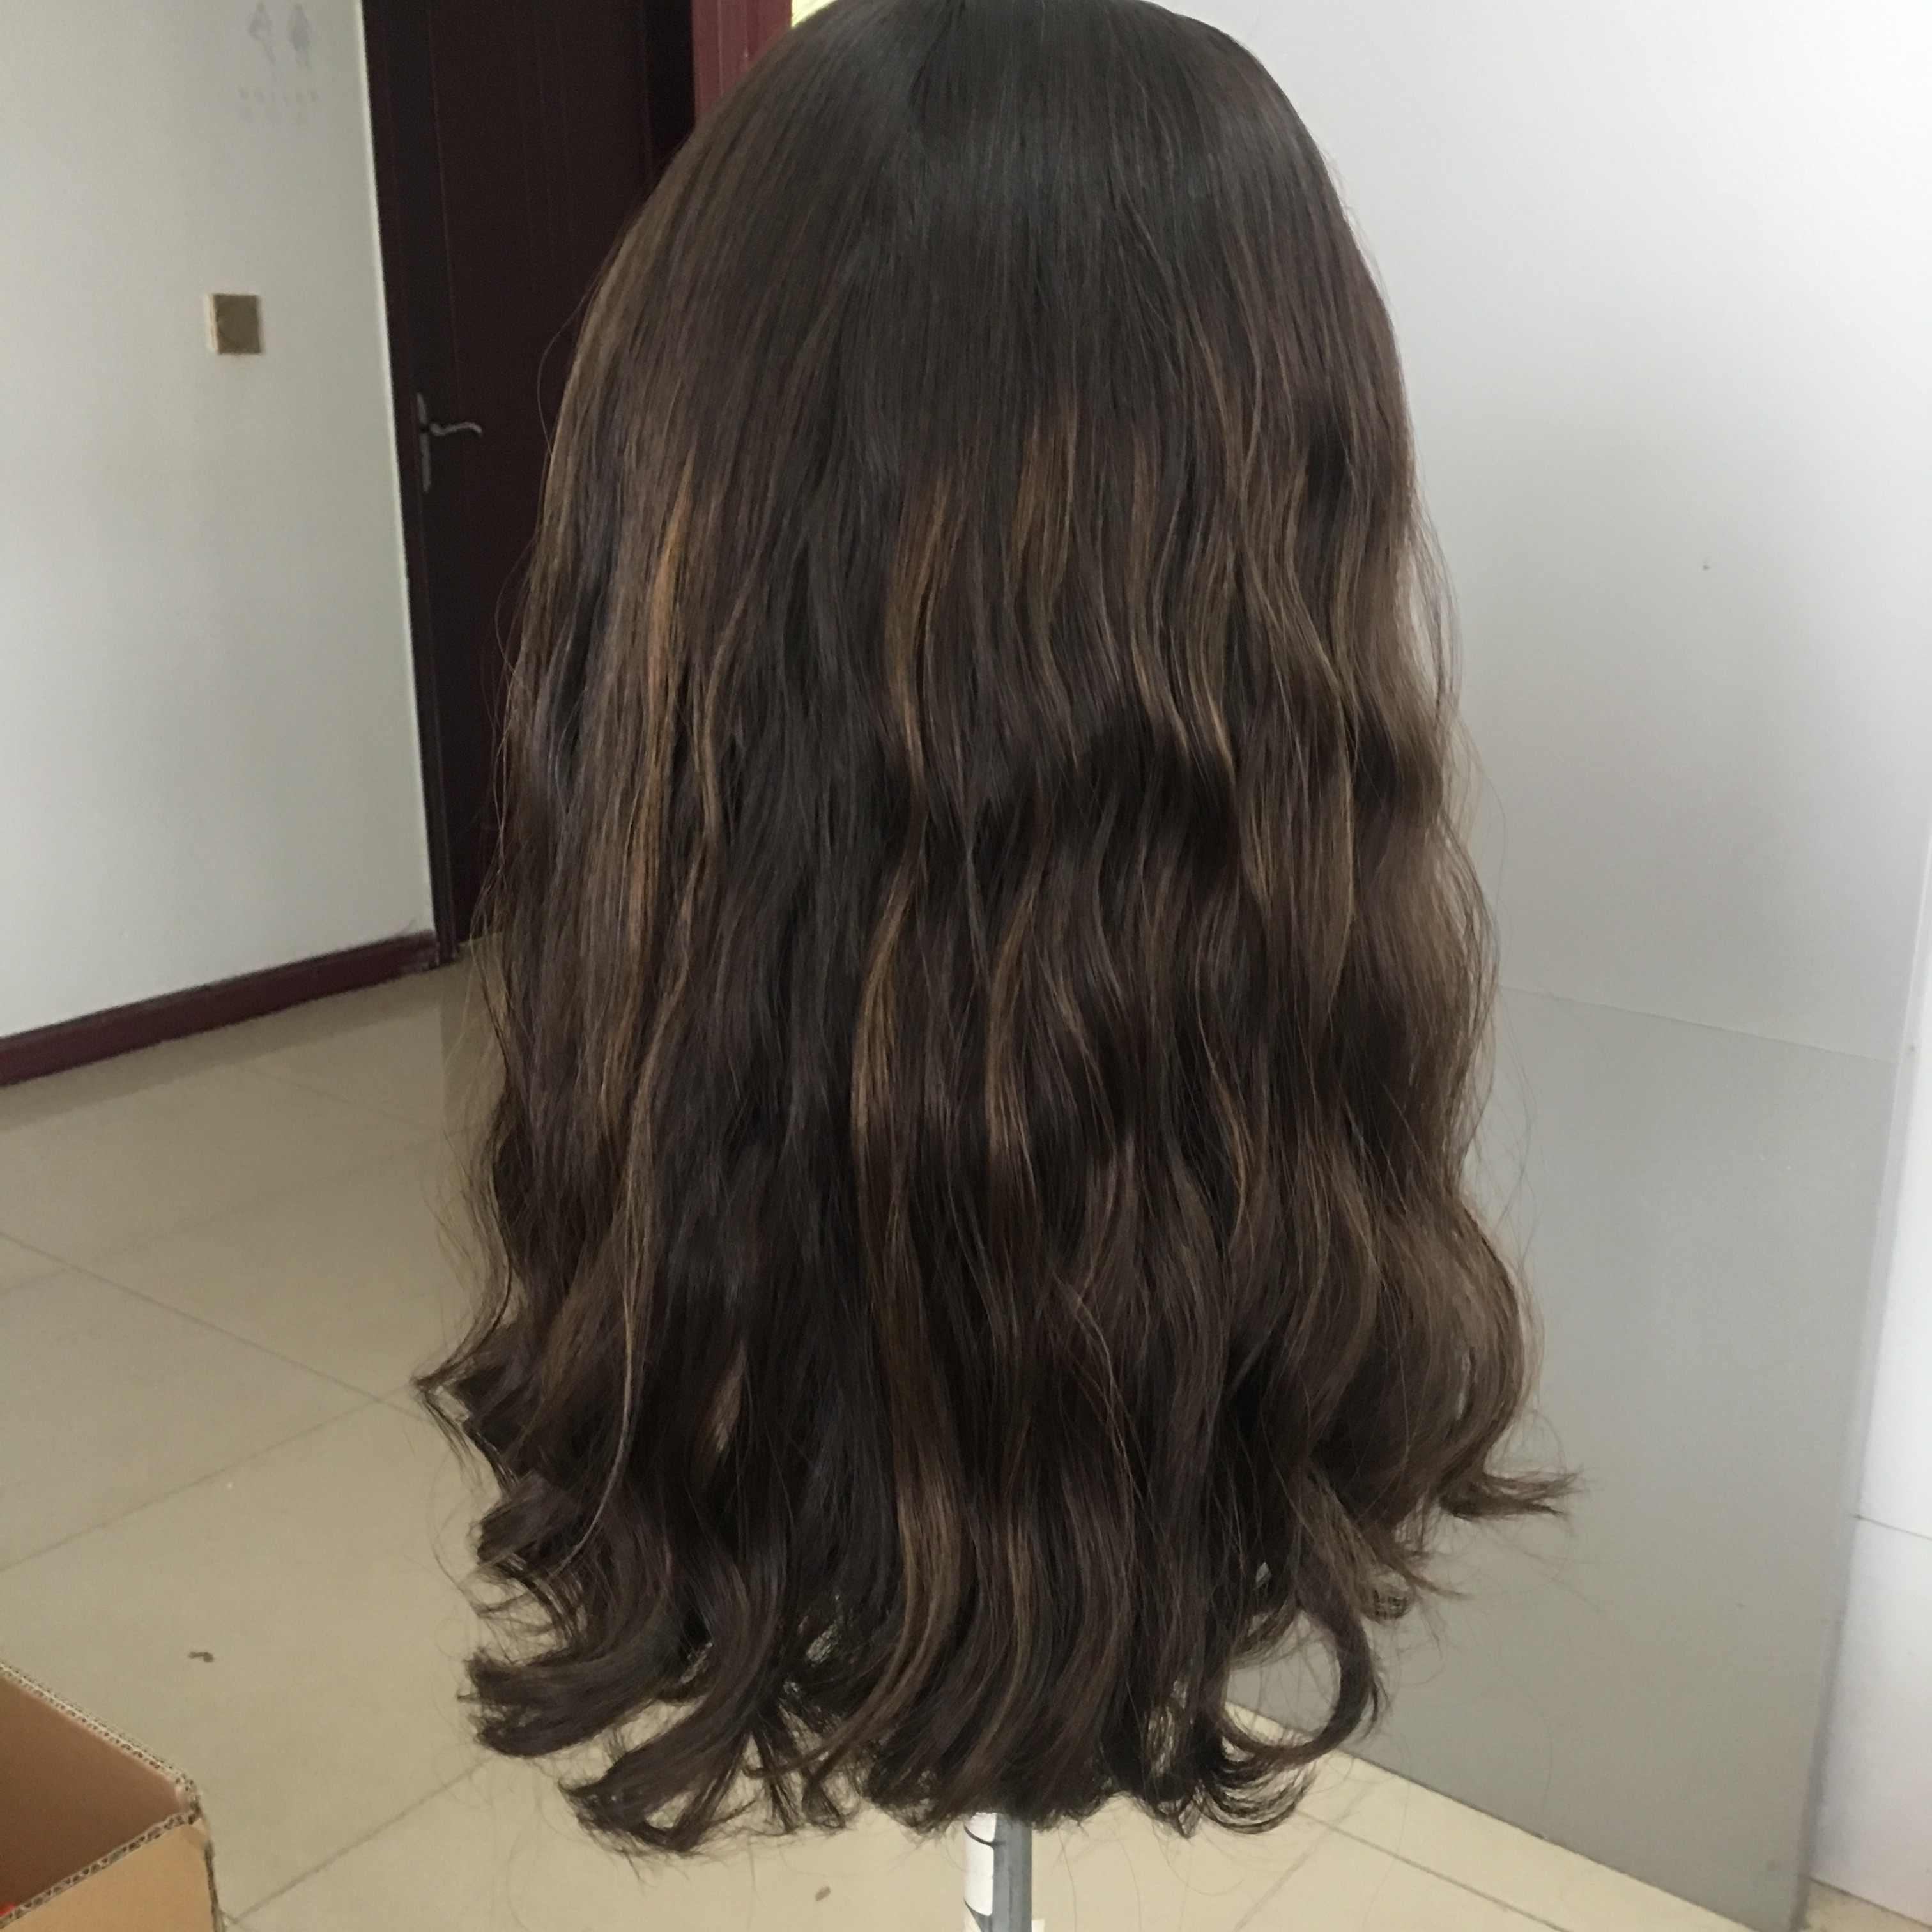 Alishevy custom made silk top naturalne włosy europejskiej peruki lekka fala peruka żydowska koszerna peruka najlepsze Sheitels w magazynie